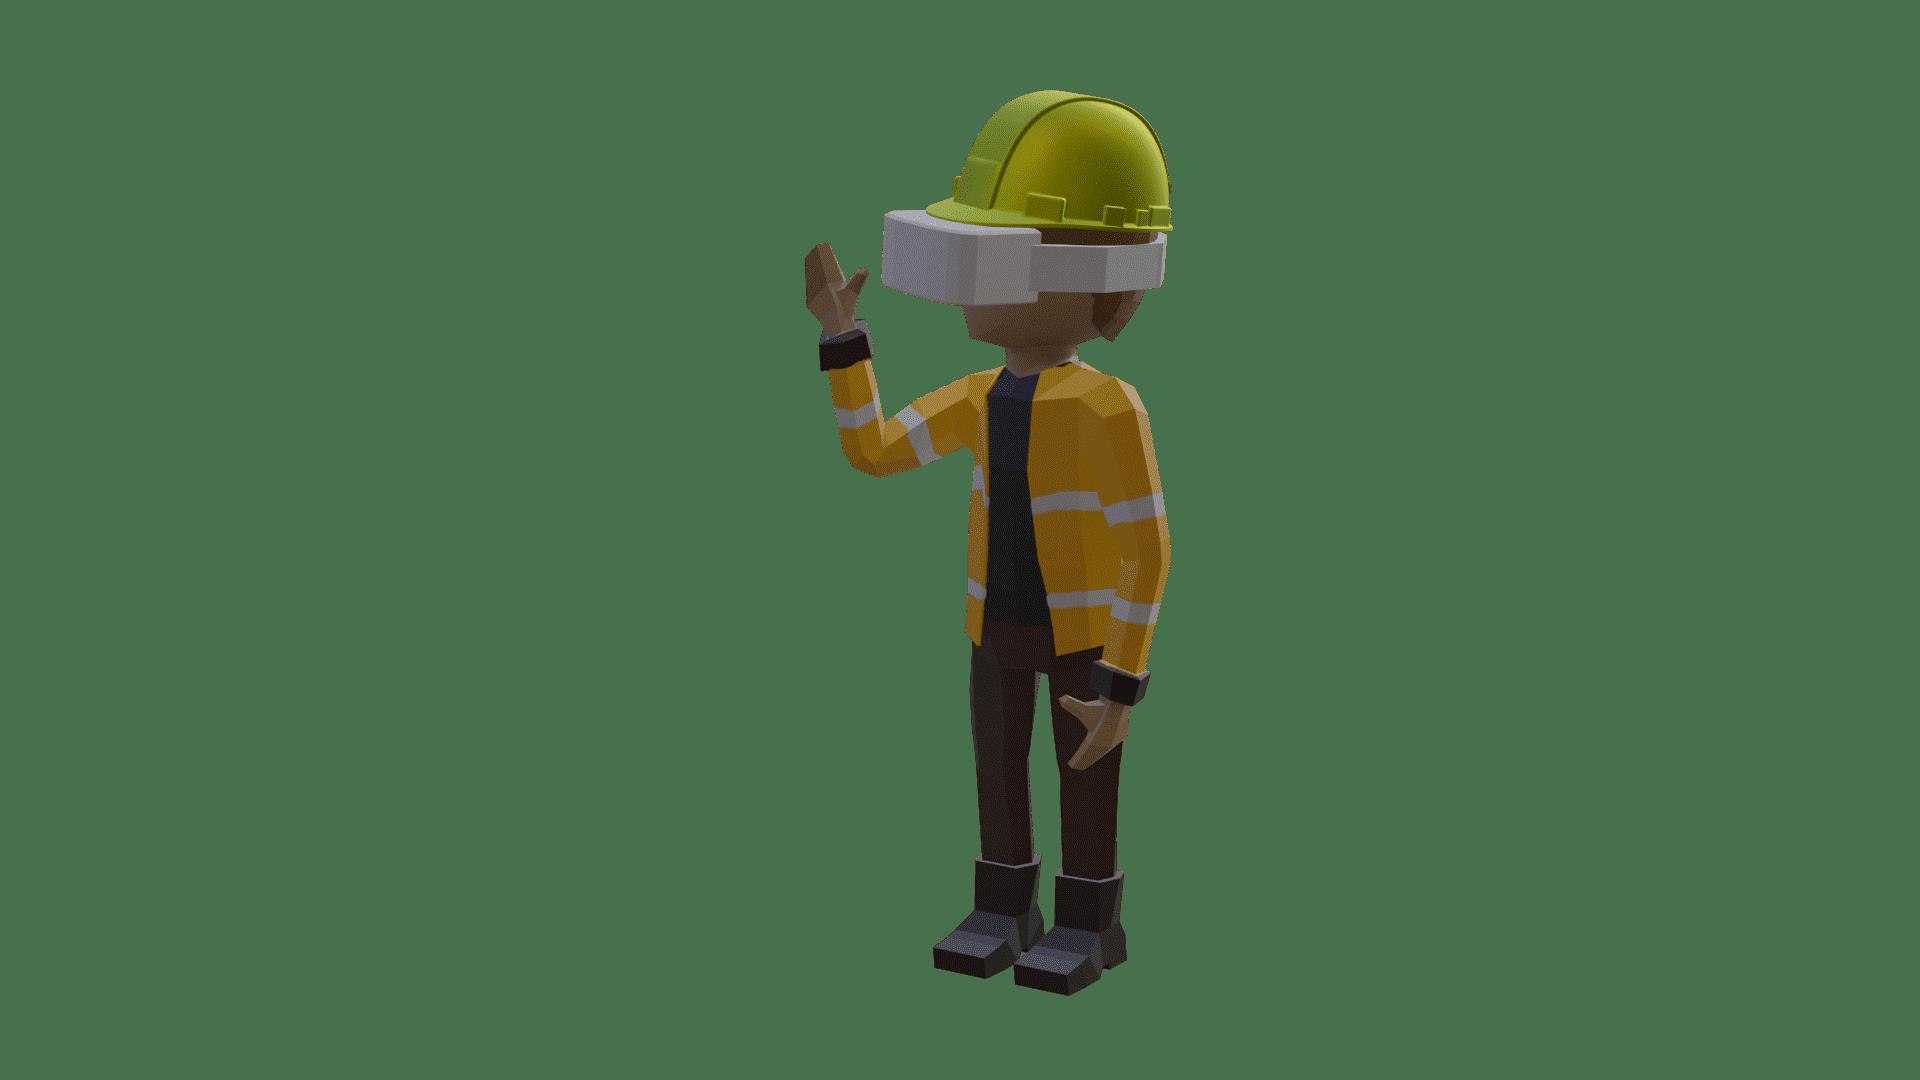 Hard hat, Sports gear, Toy, Helmet, Gesture, Headgear